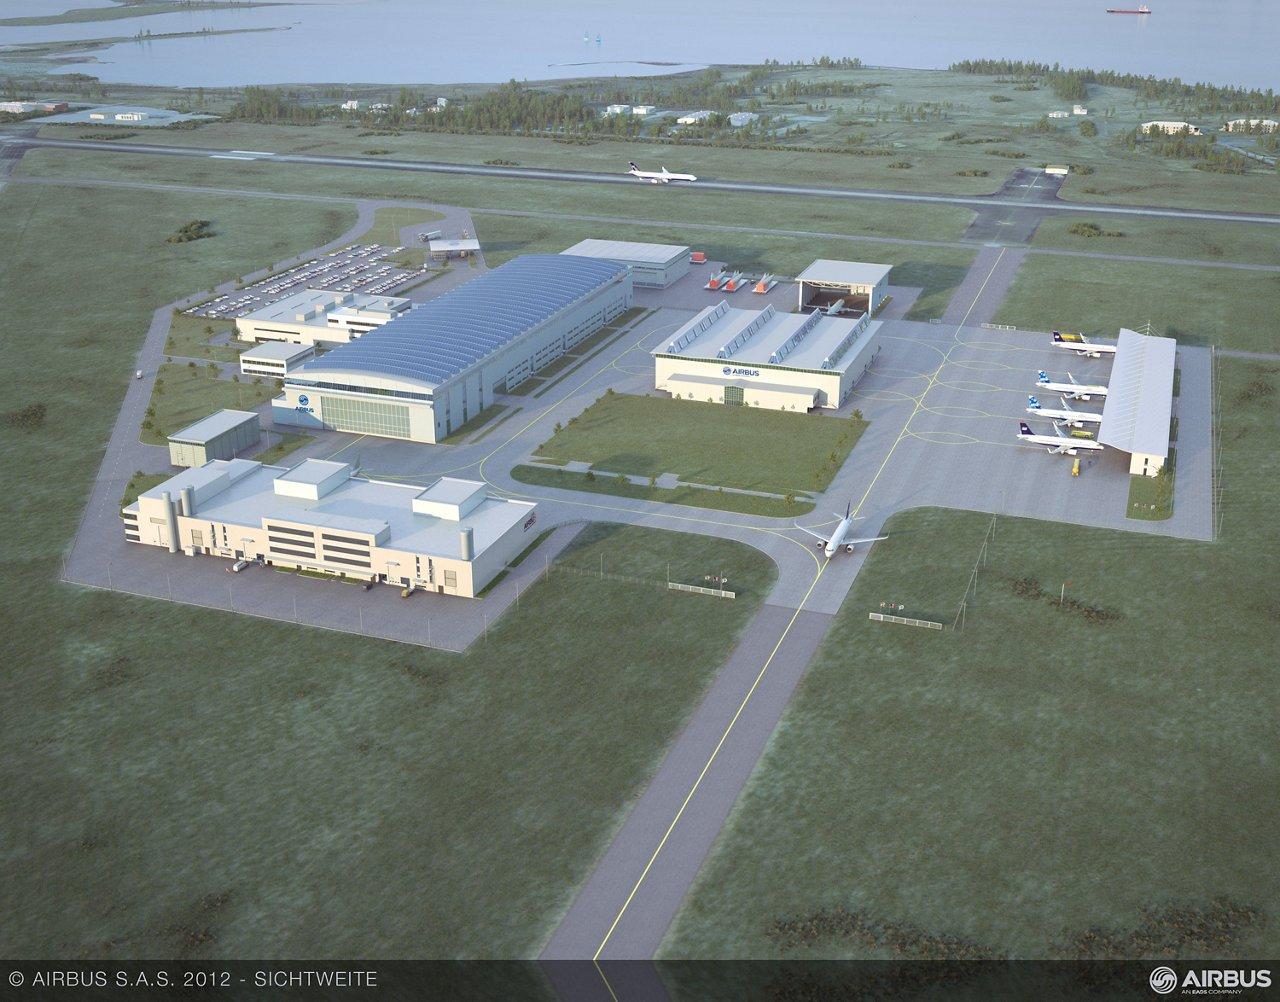 Airbus FAL Alabama 3D aerial view